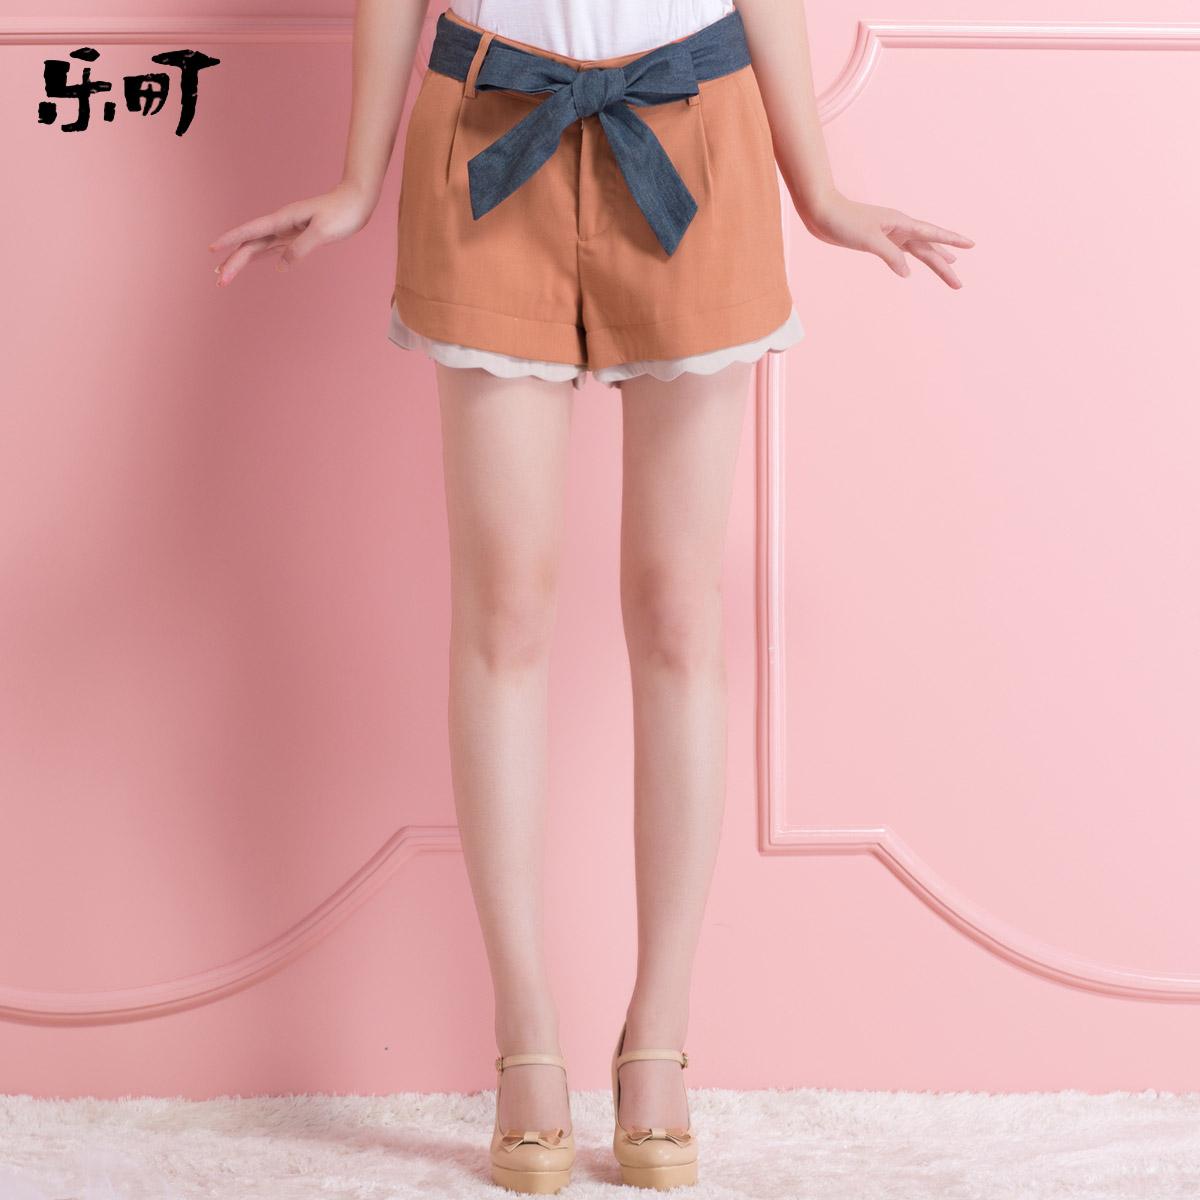 乐町2013秋装新款日系甜美女装 Ripple时尚休闲短裤热裤子显瘦 价格:119.00